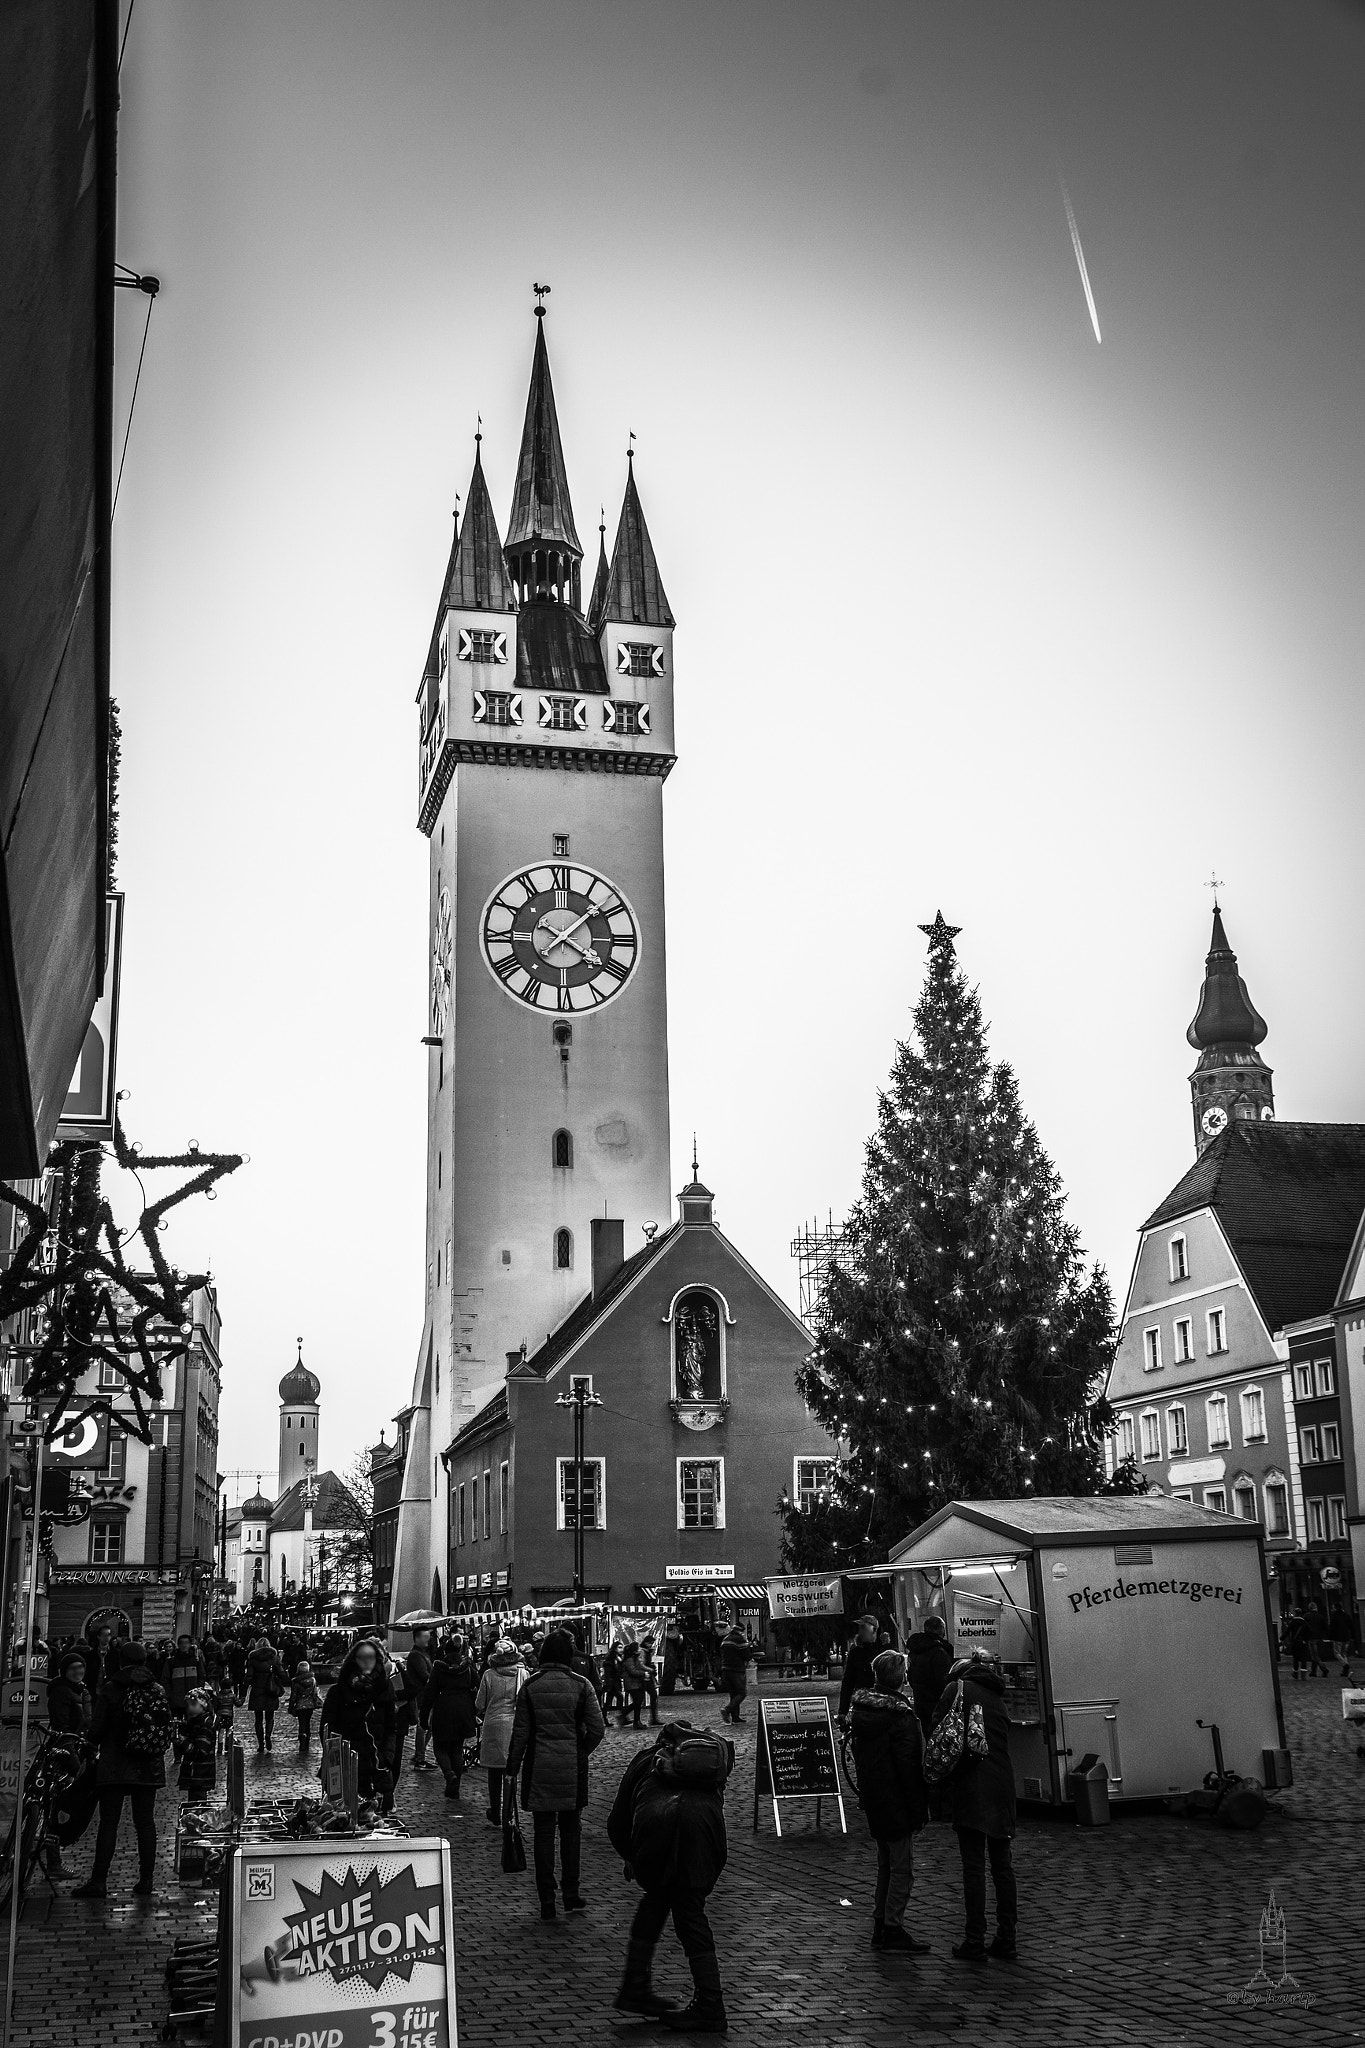 Weihnachtsgewusel Der Straubinger Ludwigsplatz In Der Vorweihnachtszeit The Straubinger Ludwigsplatz In The Pre Christmas Period Vorweihnachtszeit